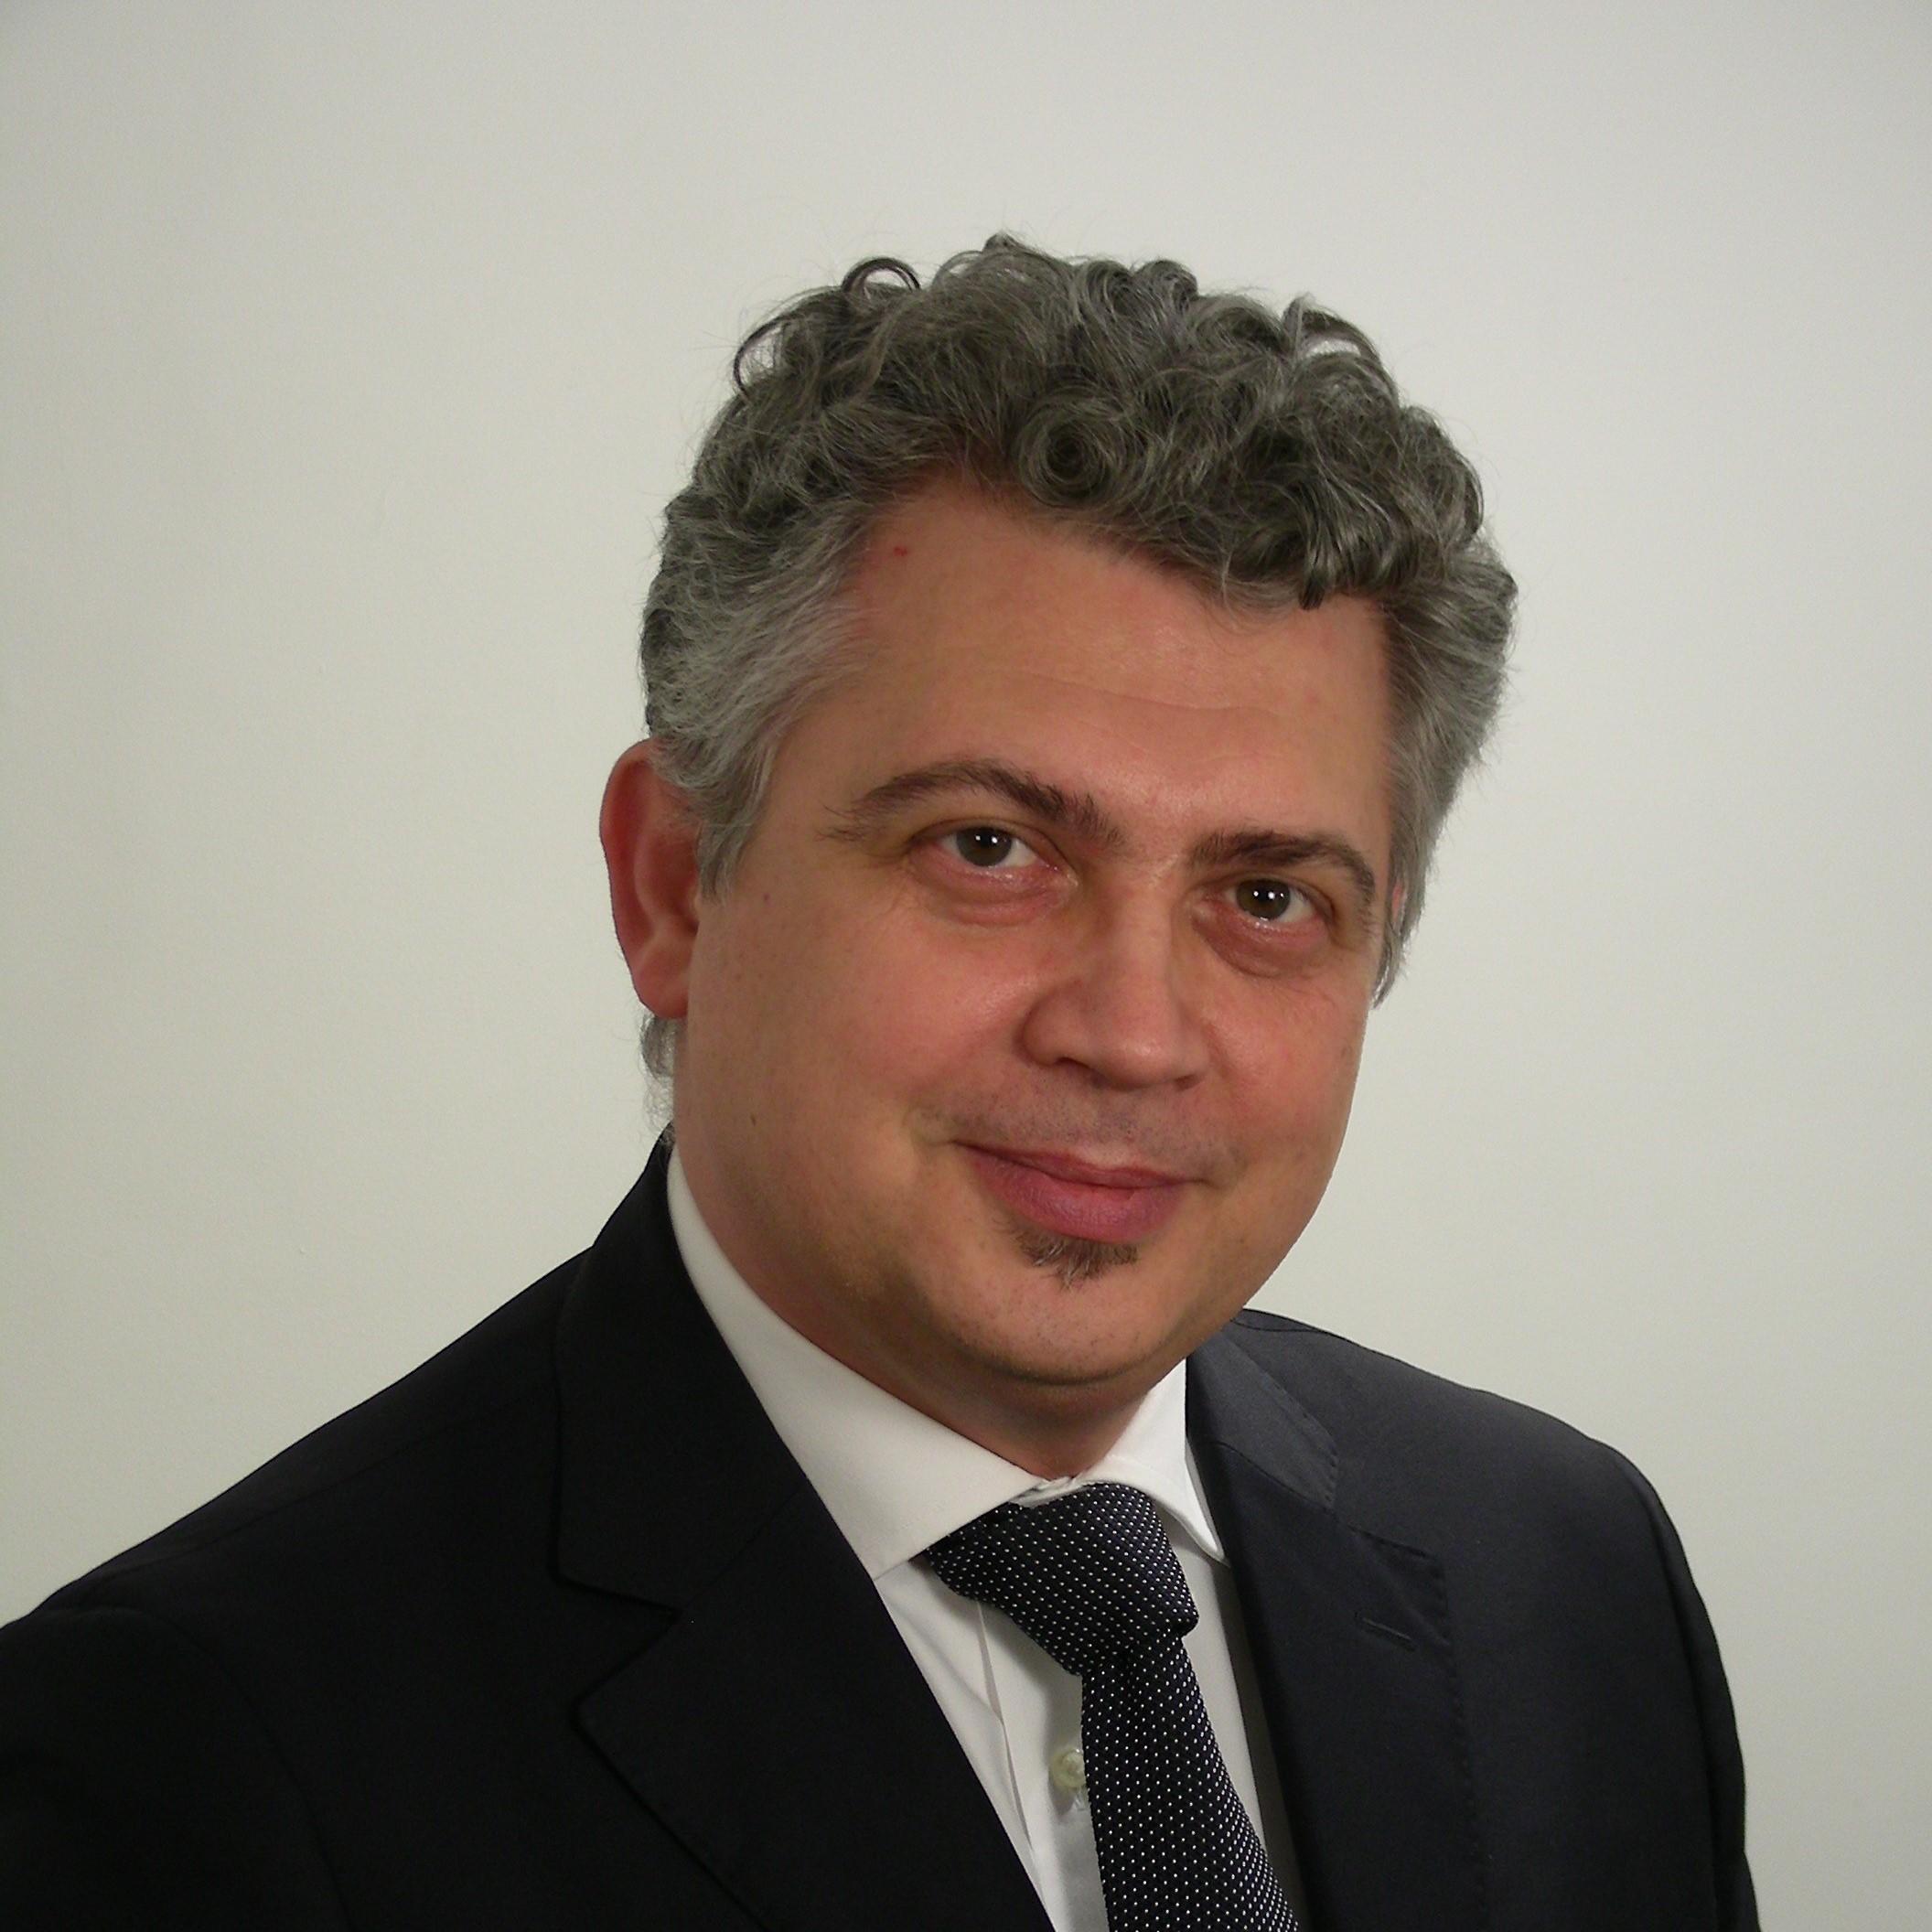 Fabio Cappelli, Partner EY responsabile Cybersecurity per Italia, Spagna e Portogallo